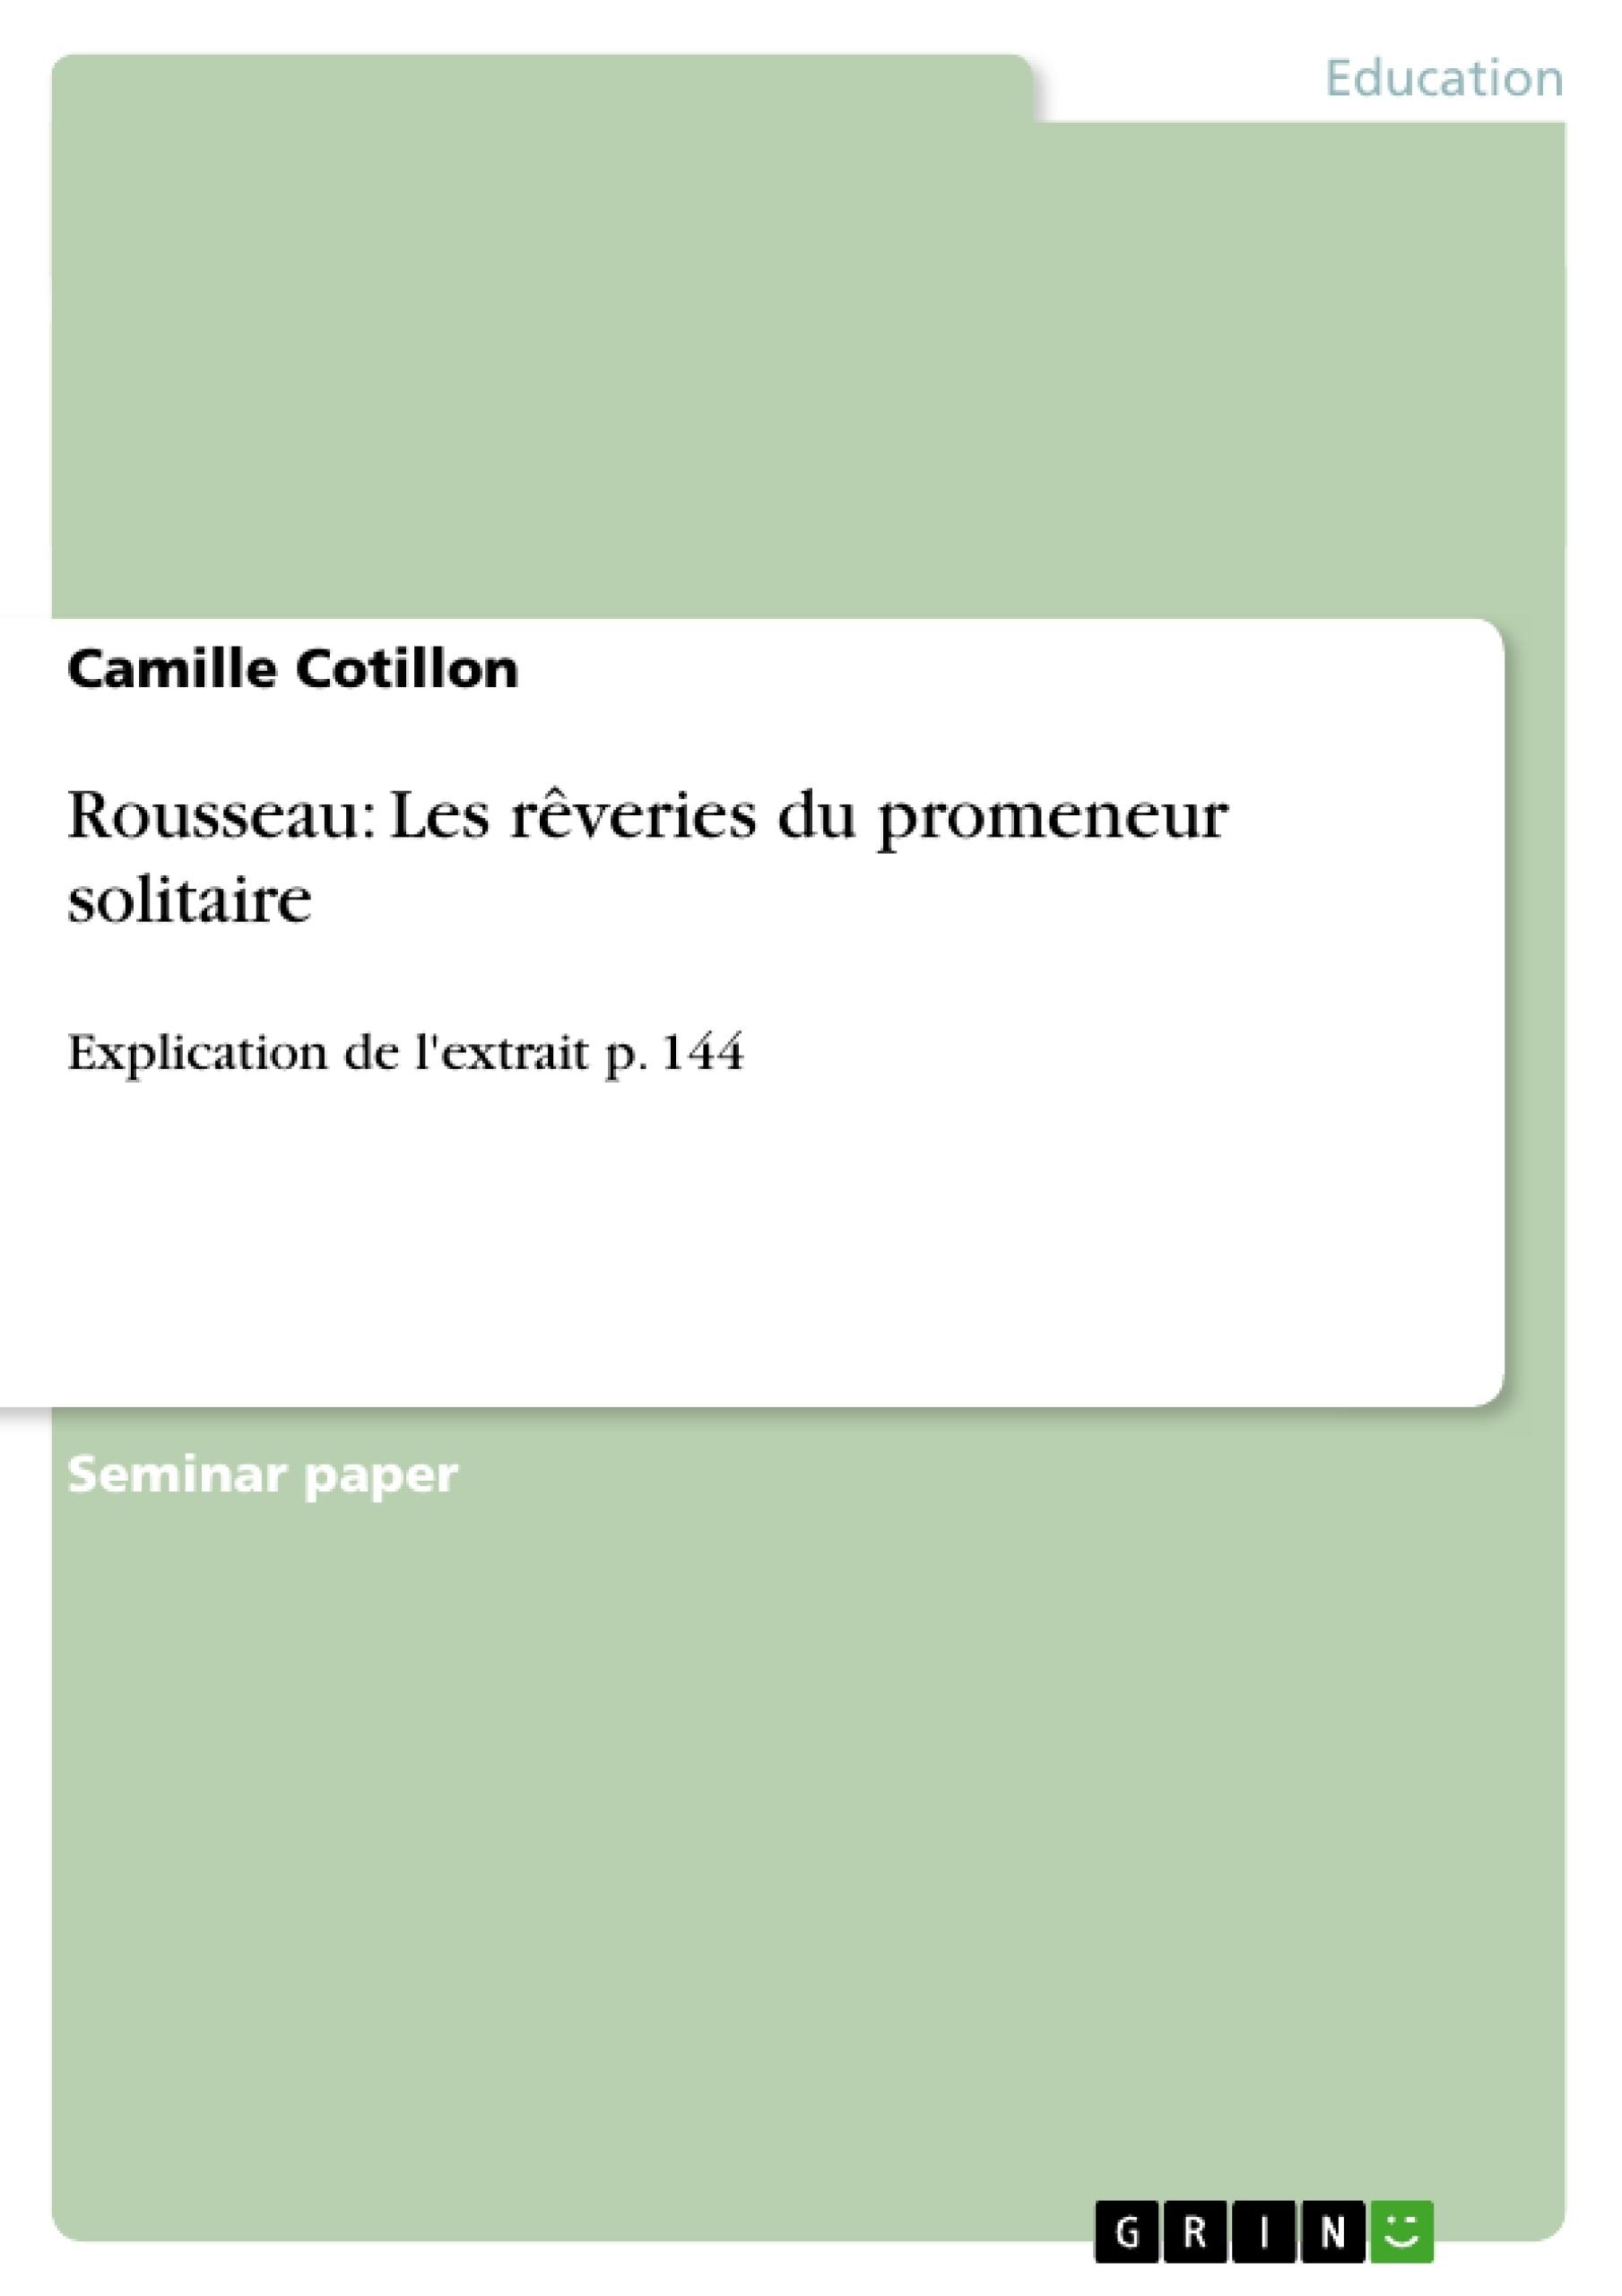 Titre: Rousseau: Les rêveries du promeneur solitaire